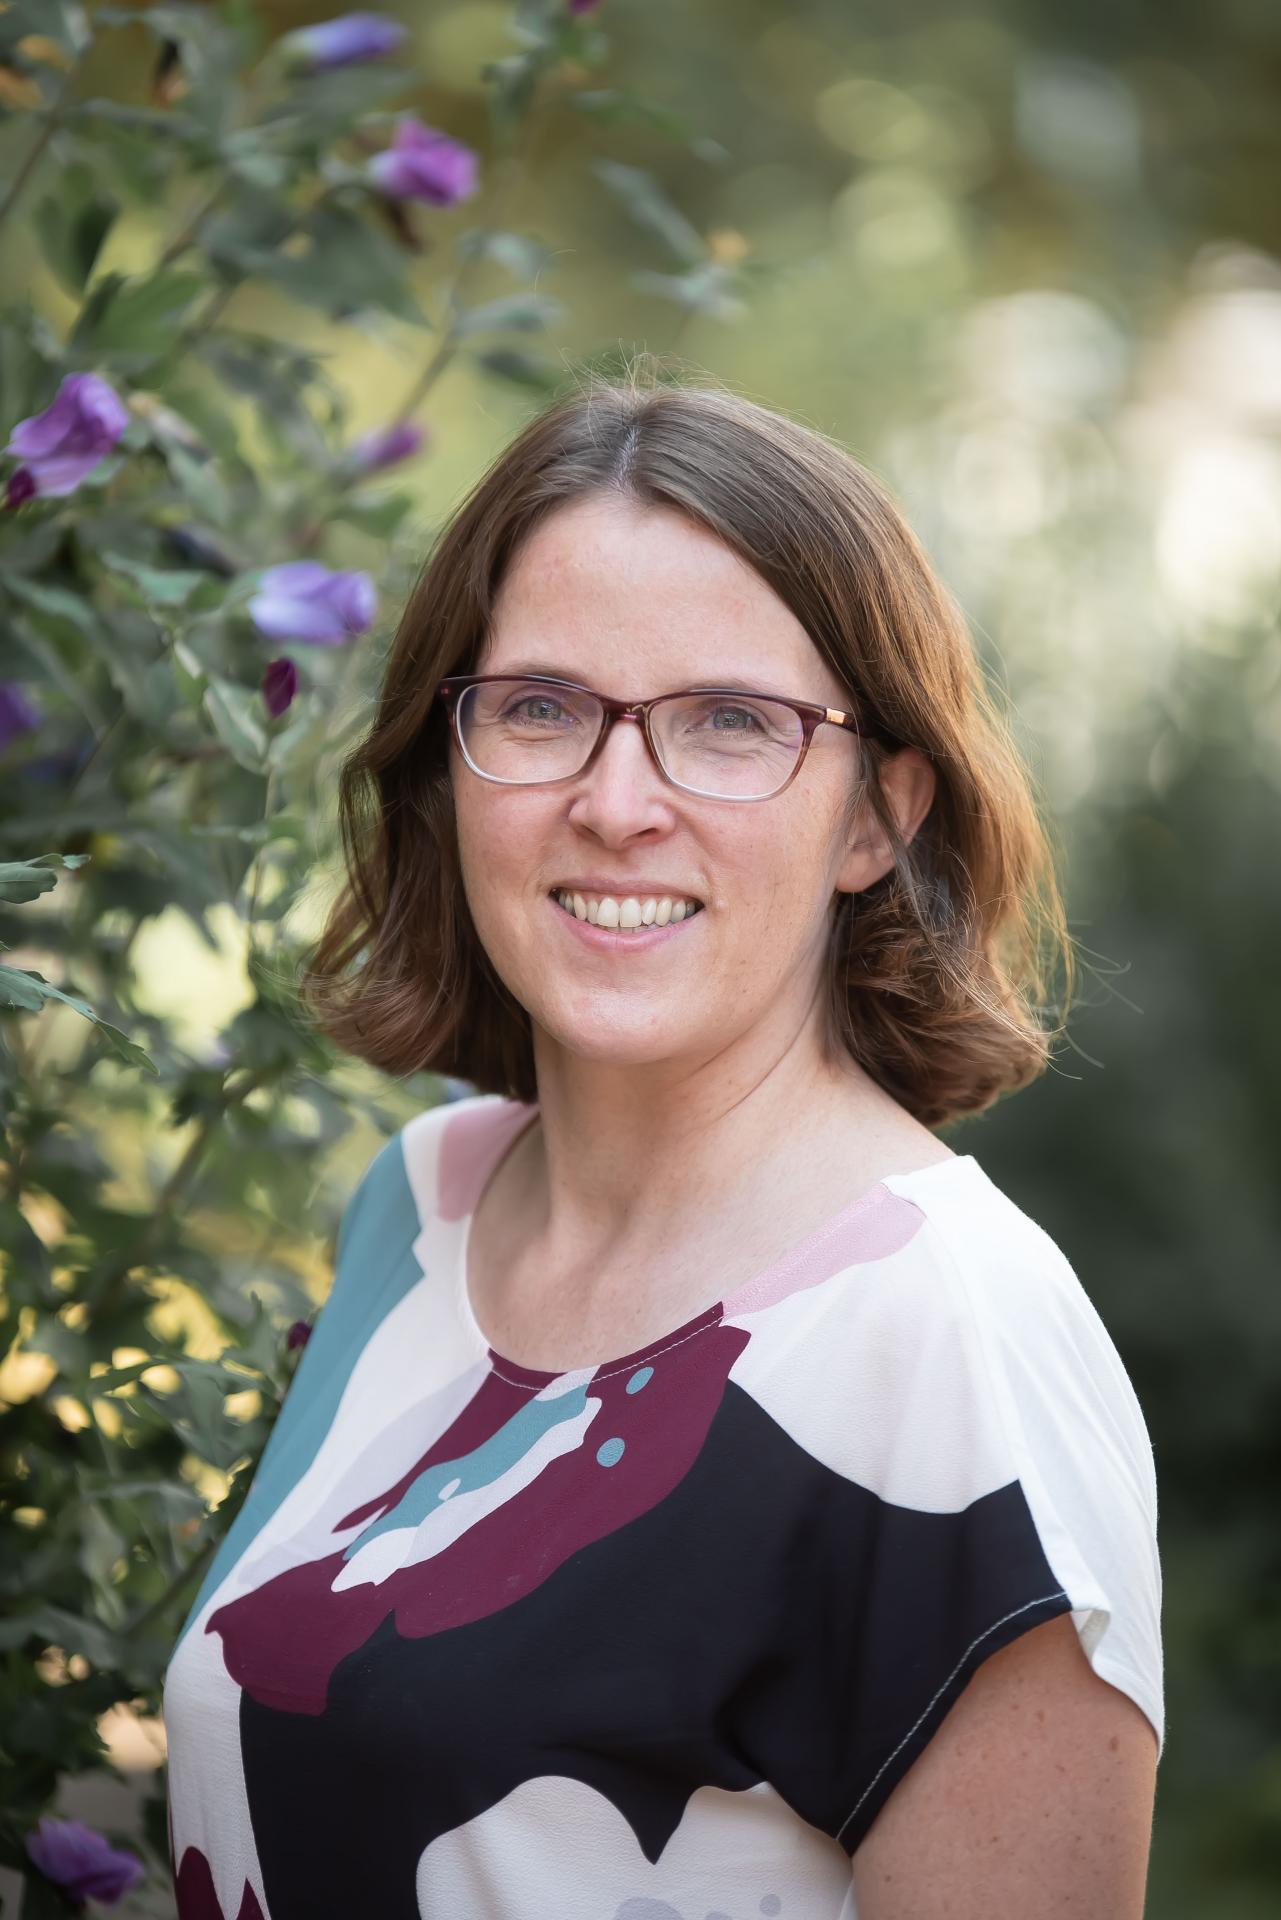 Marieke Burkandt